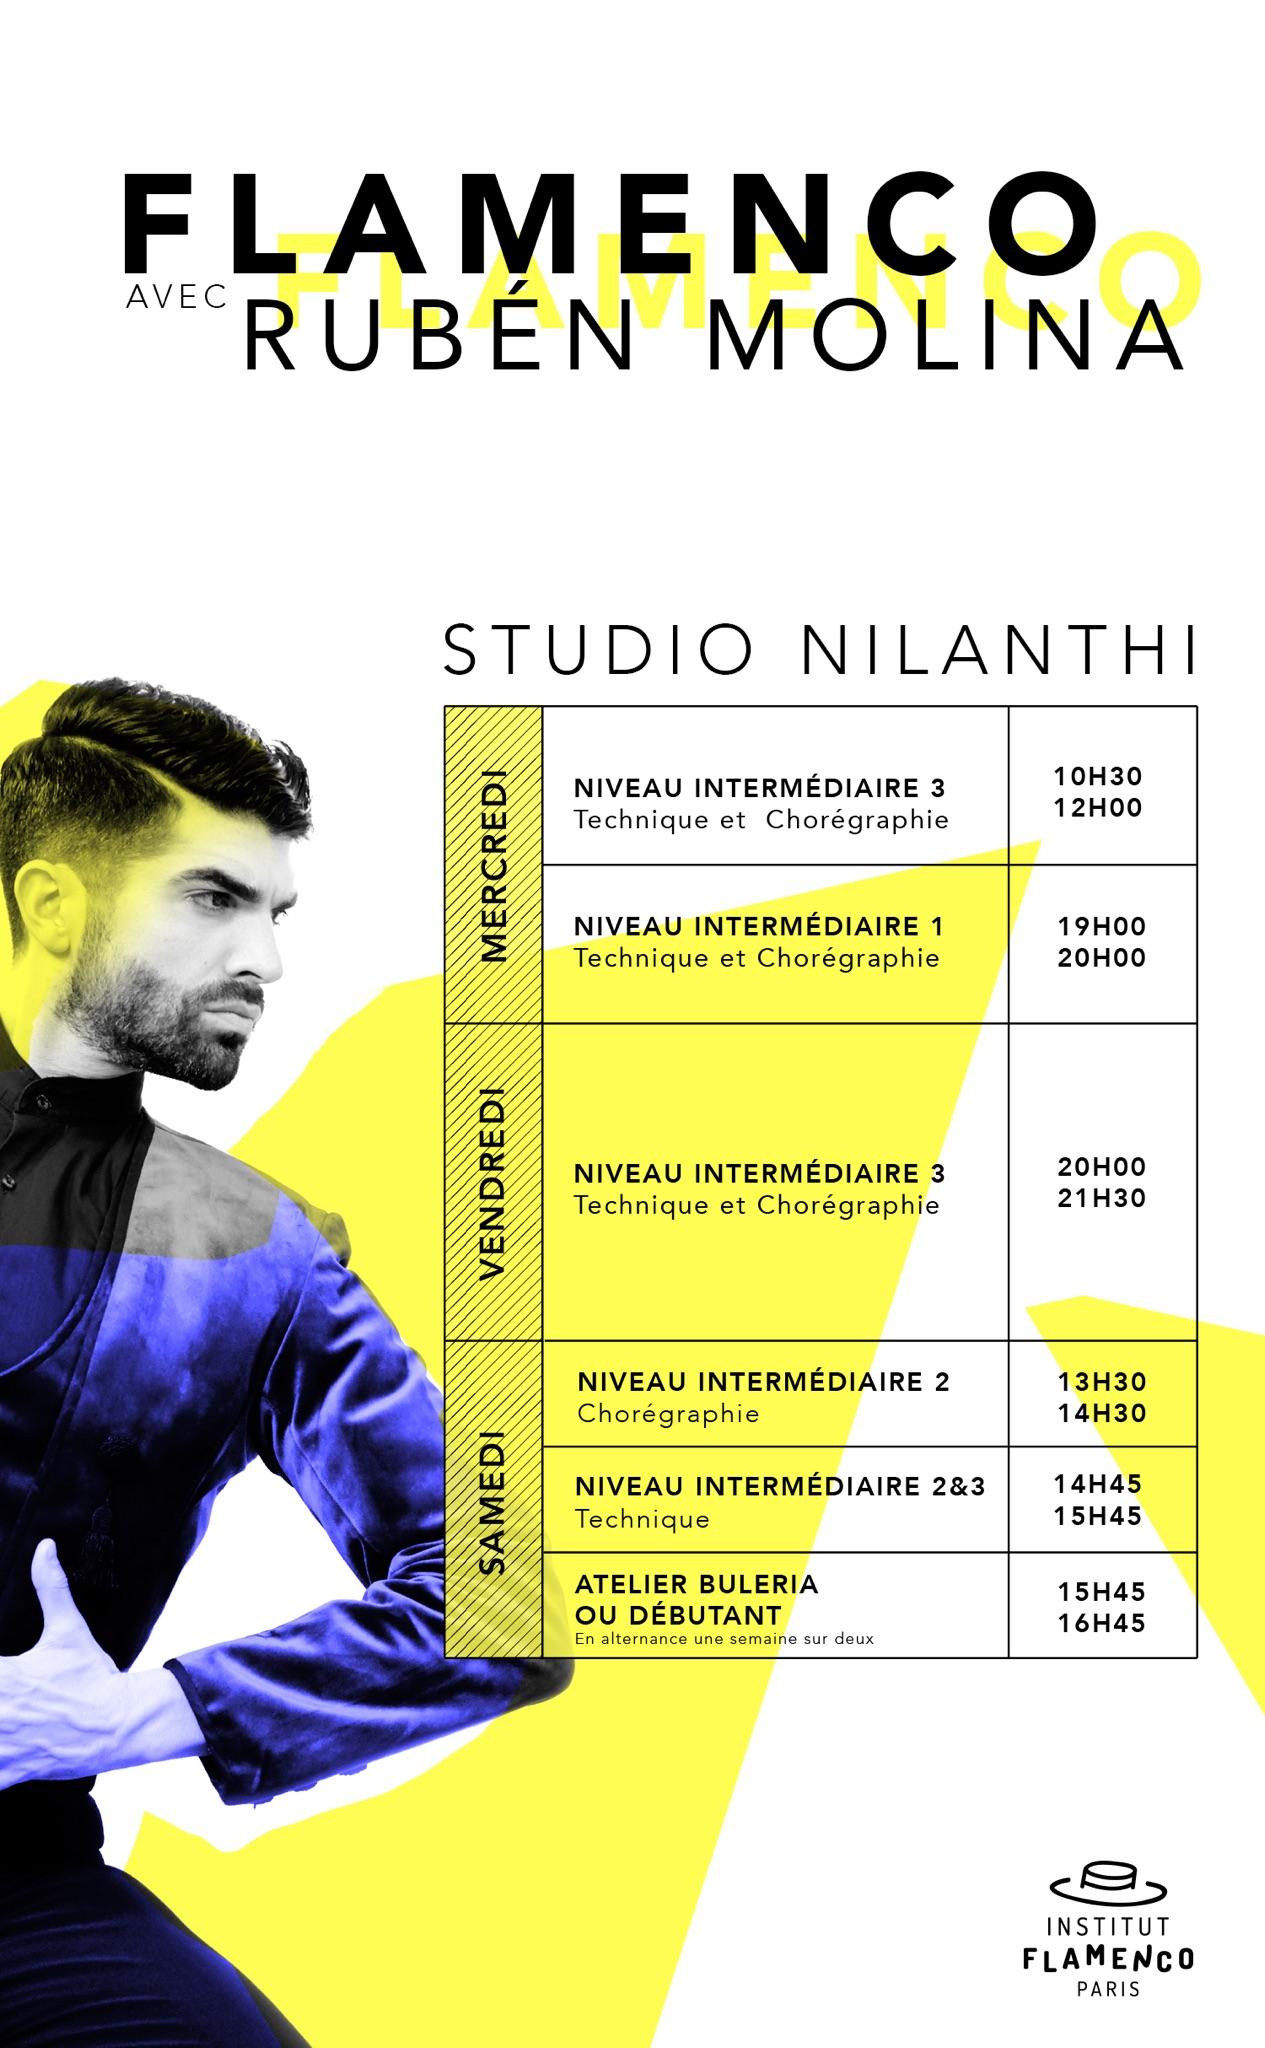 institut flamenco paris cours flamenco ruben molina studio harmonic nilanthi